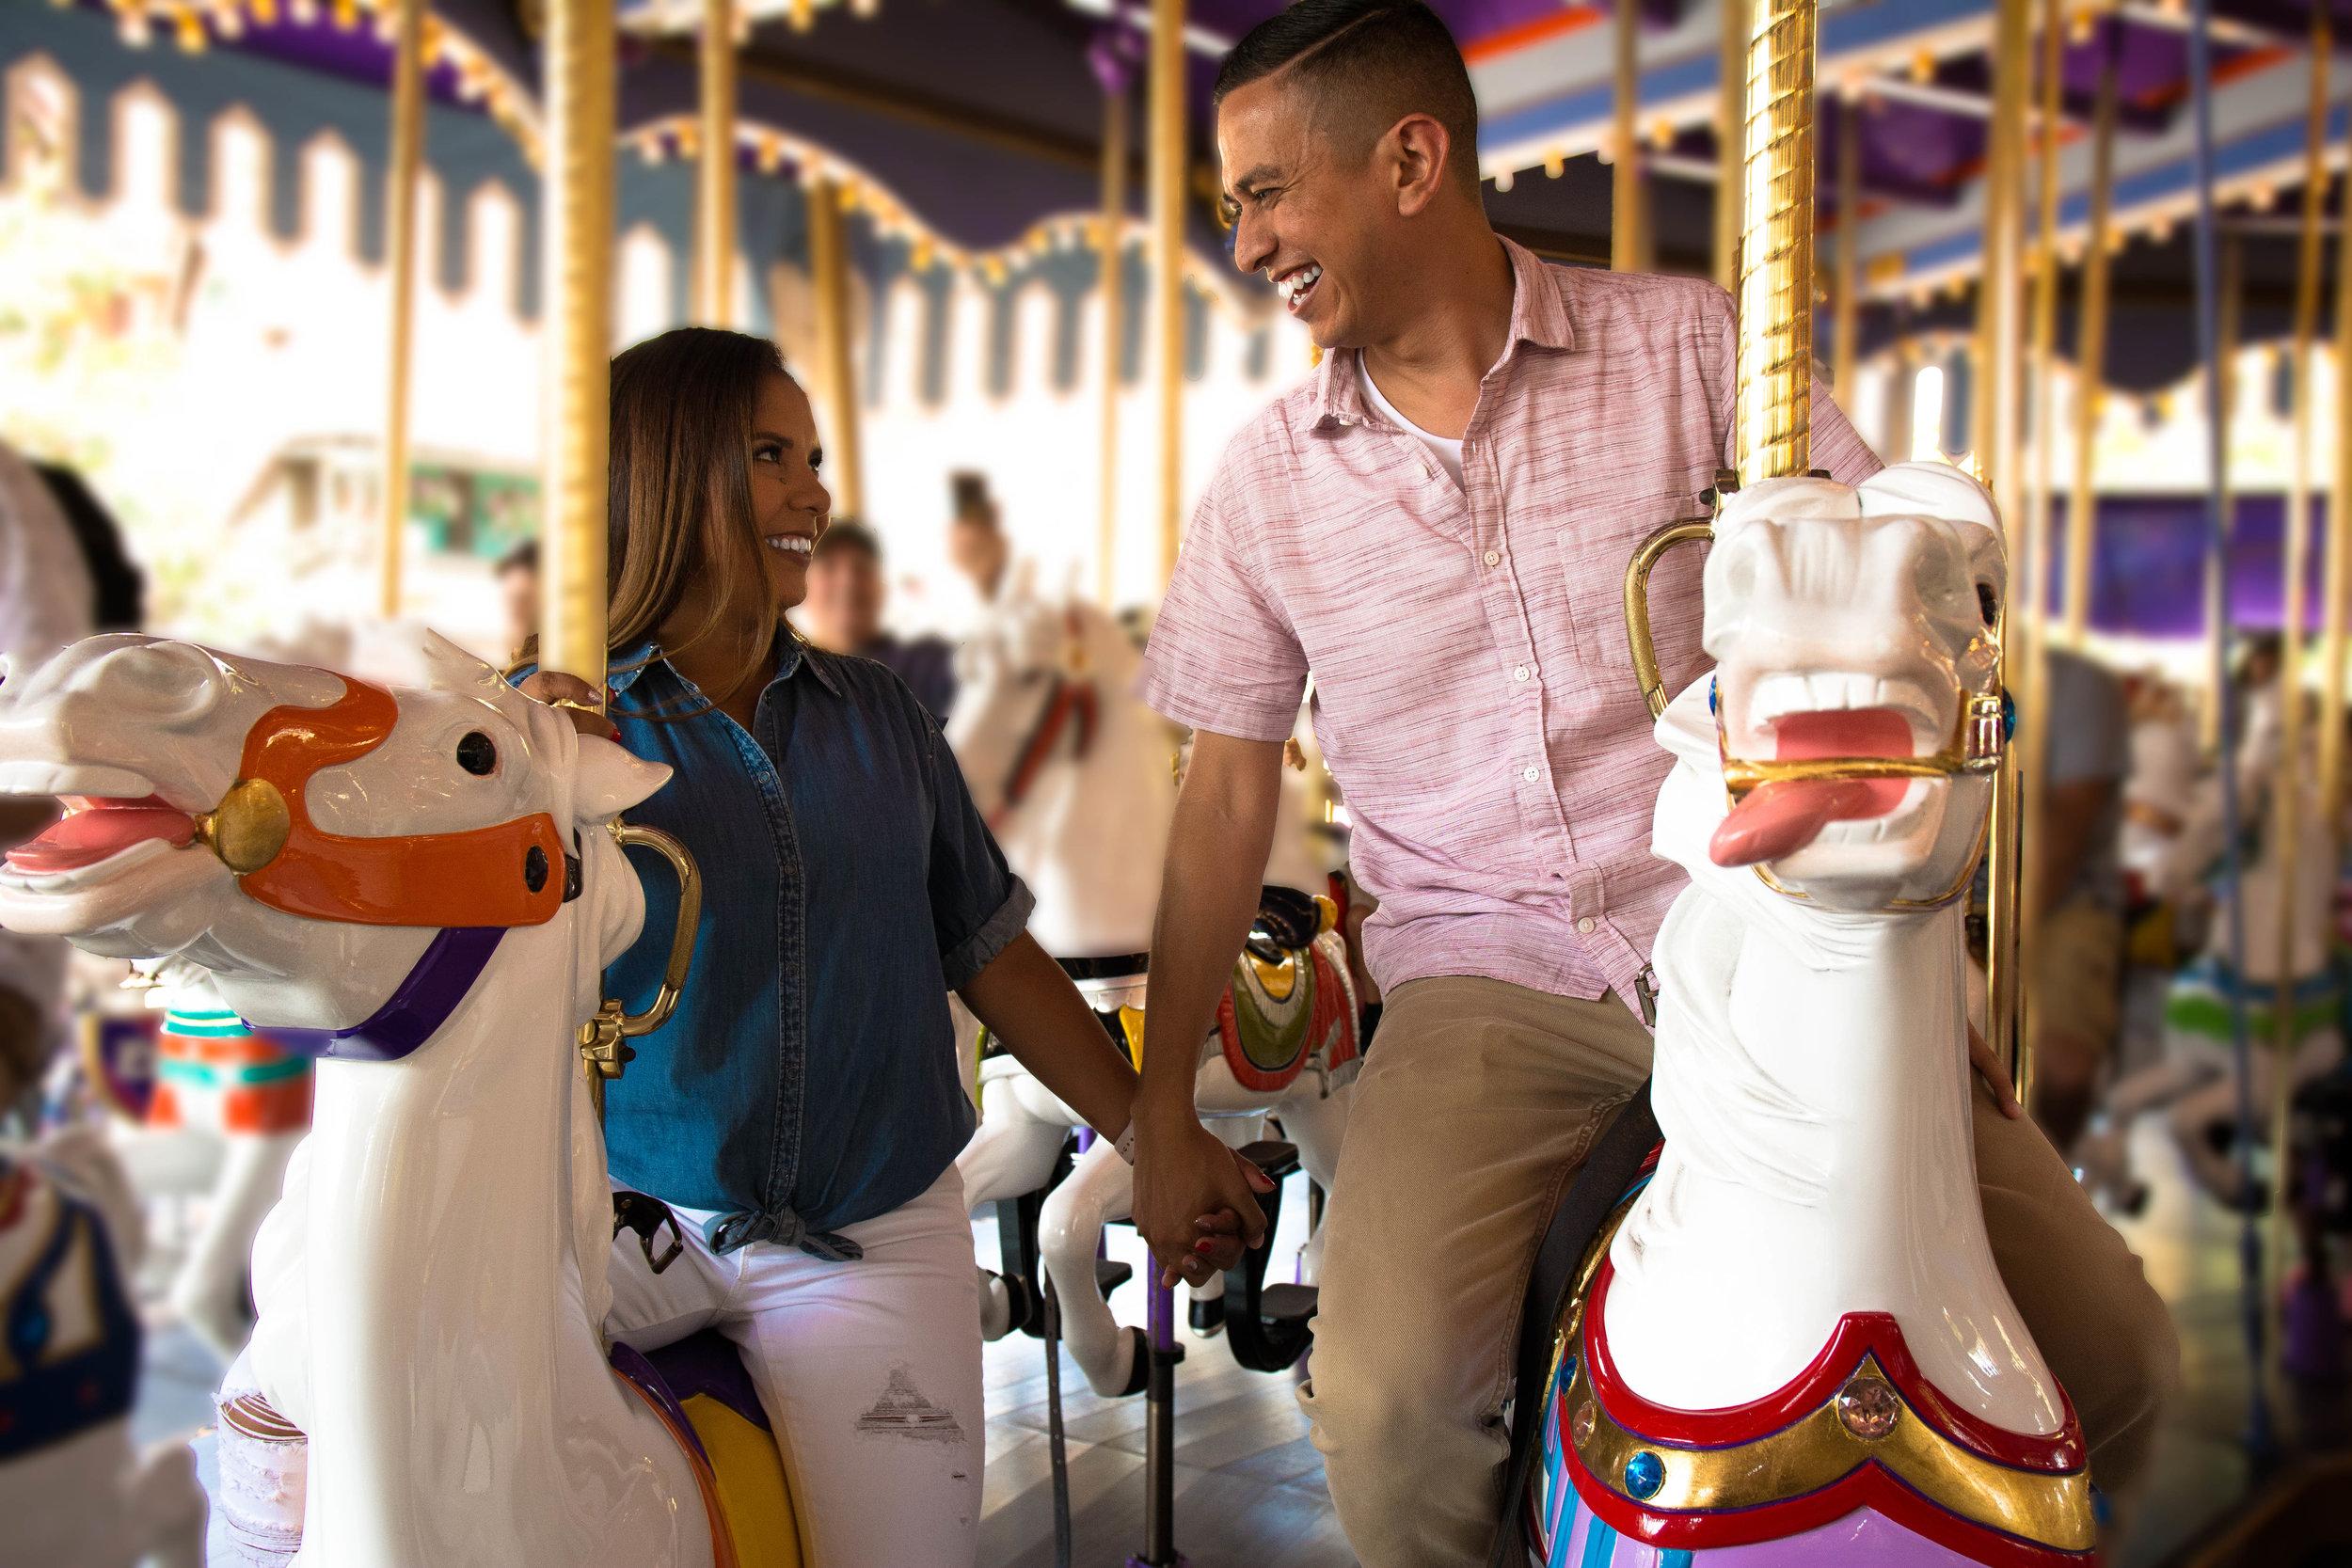 Maria & Sal's 5 Year Anniversary - Disneyland, California